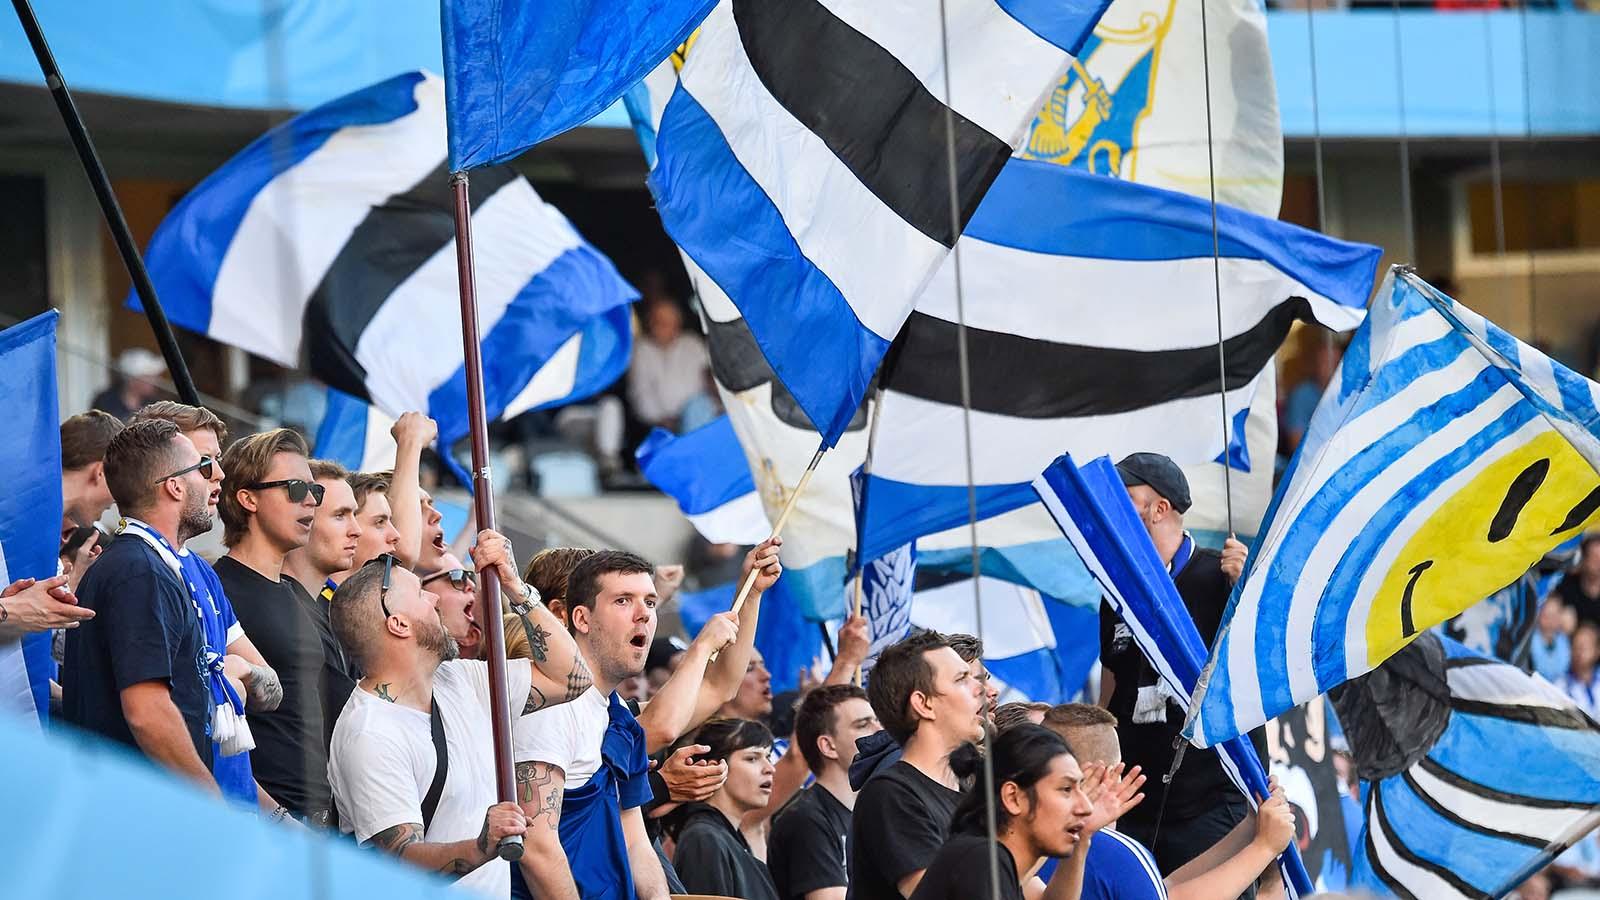 180507 IFK Göteborgs supportrar under fotbollsmatchen i Allsvenskan mellan Malmö FF och IFK Göteborg den 7 maj 2018 i Malmö. Foto: Christian Örnberg / BILDBYRÅN / Cop 166